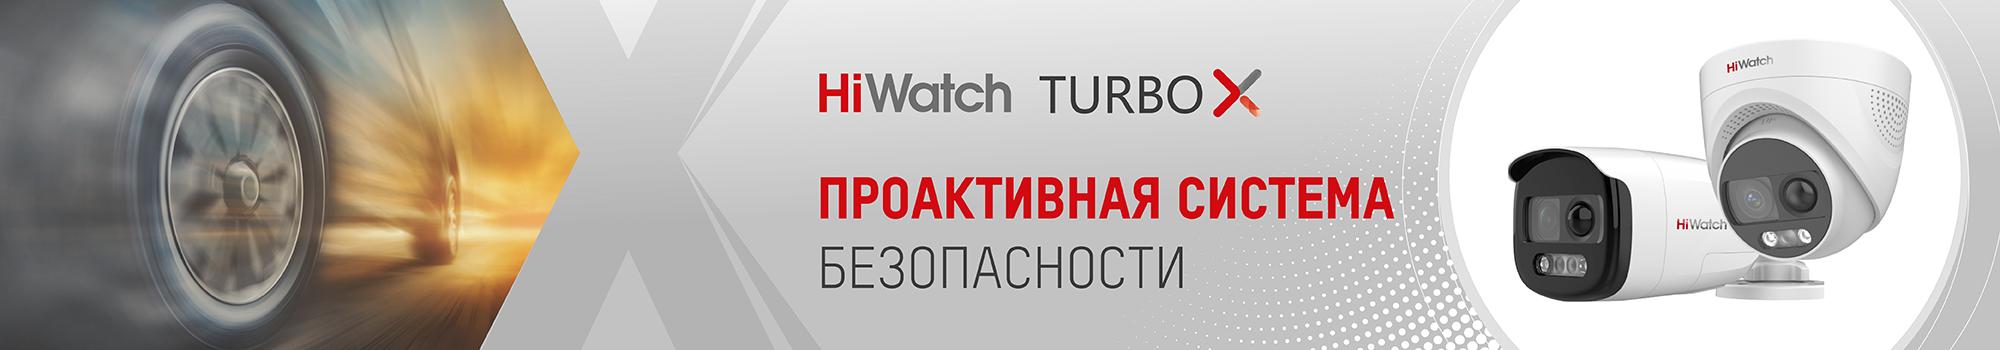 HiWatch выпустил камеры с проактивной системой реагирования на события